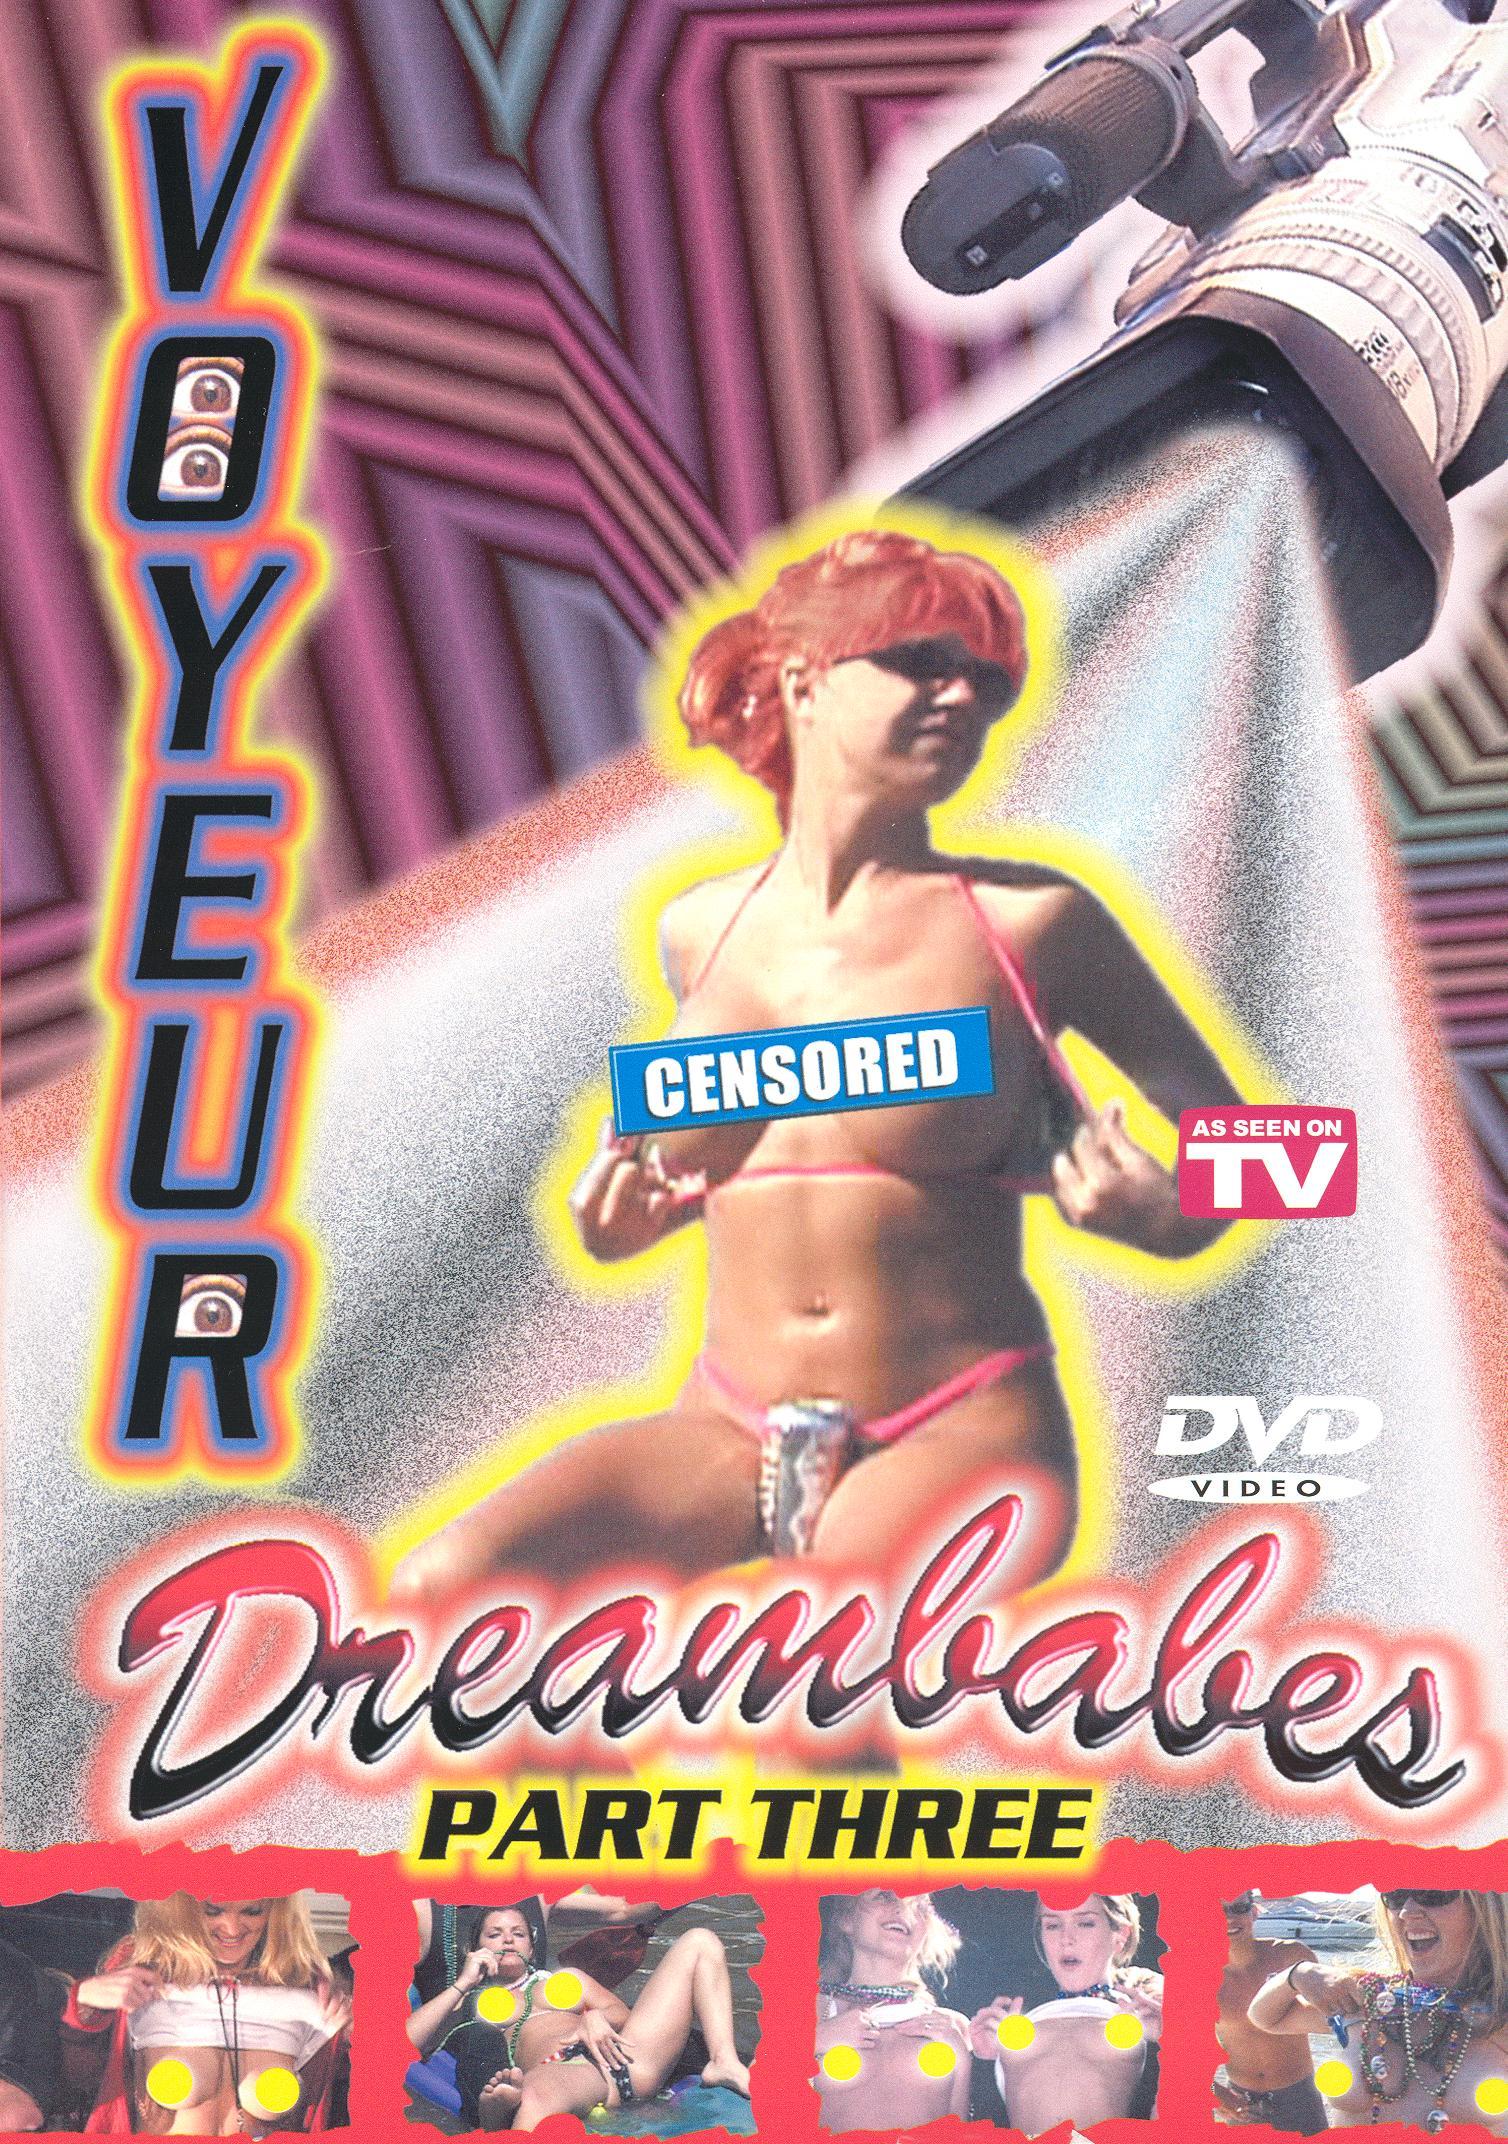 Voyeur Dreambabes, Part Three